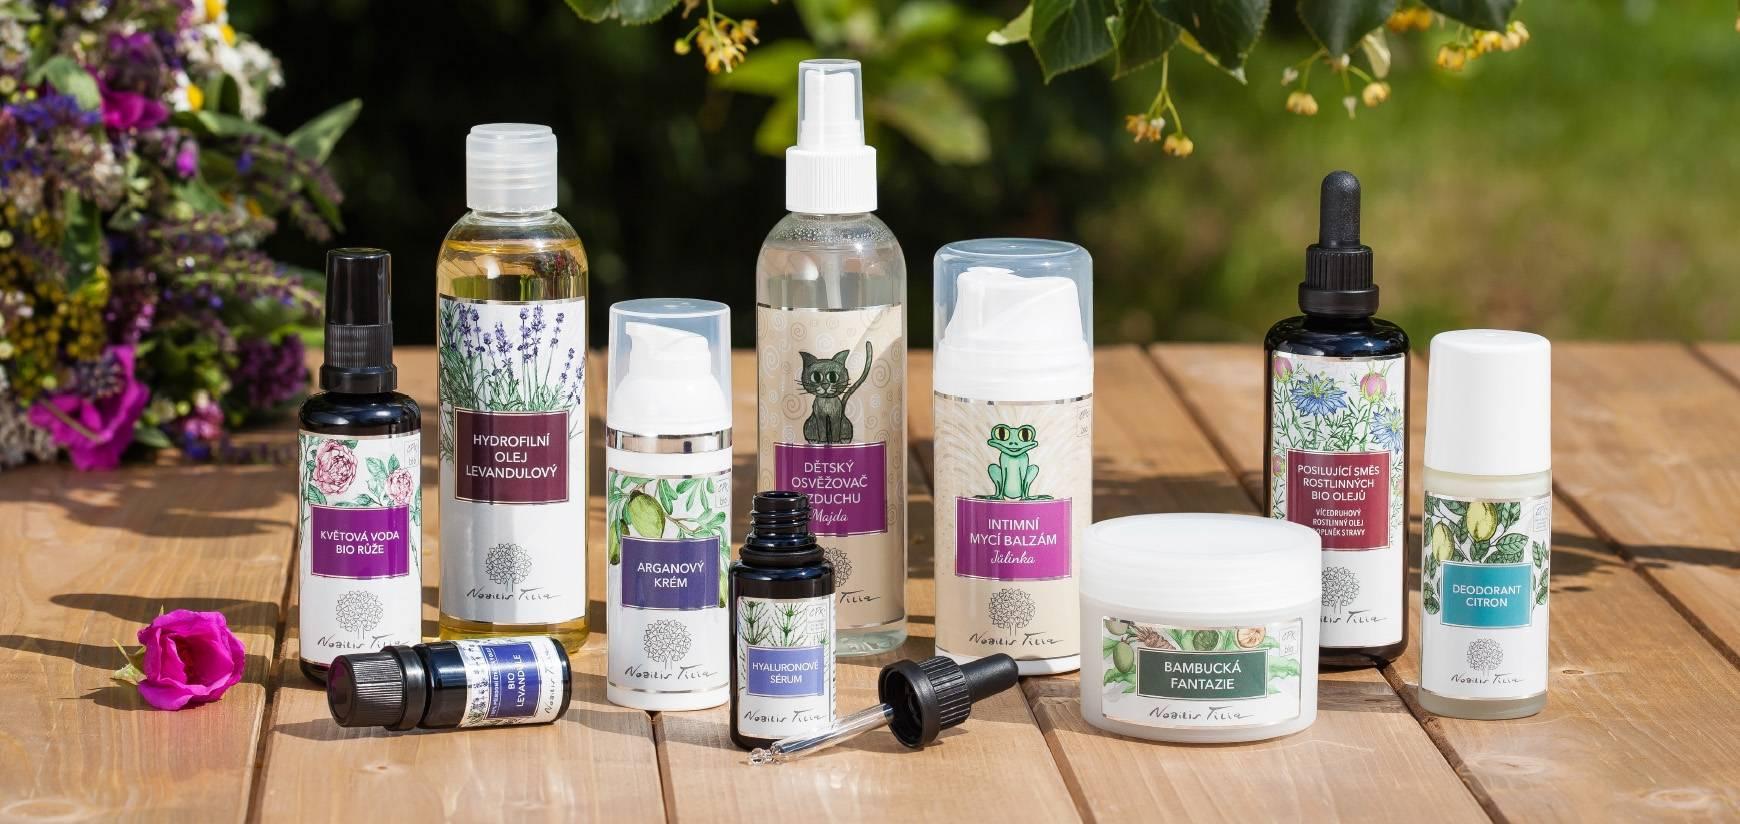 Certifikovaná kozmetika: záruka kvality a prírodného pôvodu - prírodná kozmetika Nobilis Tilia